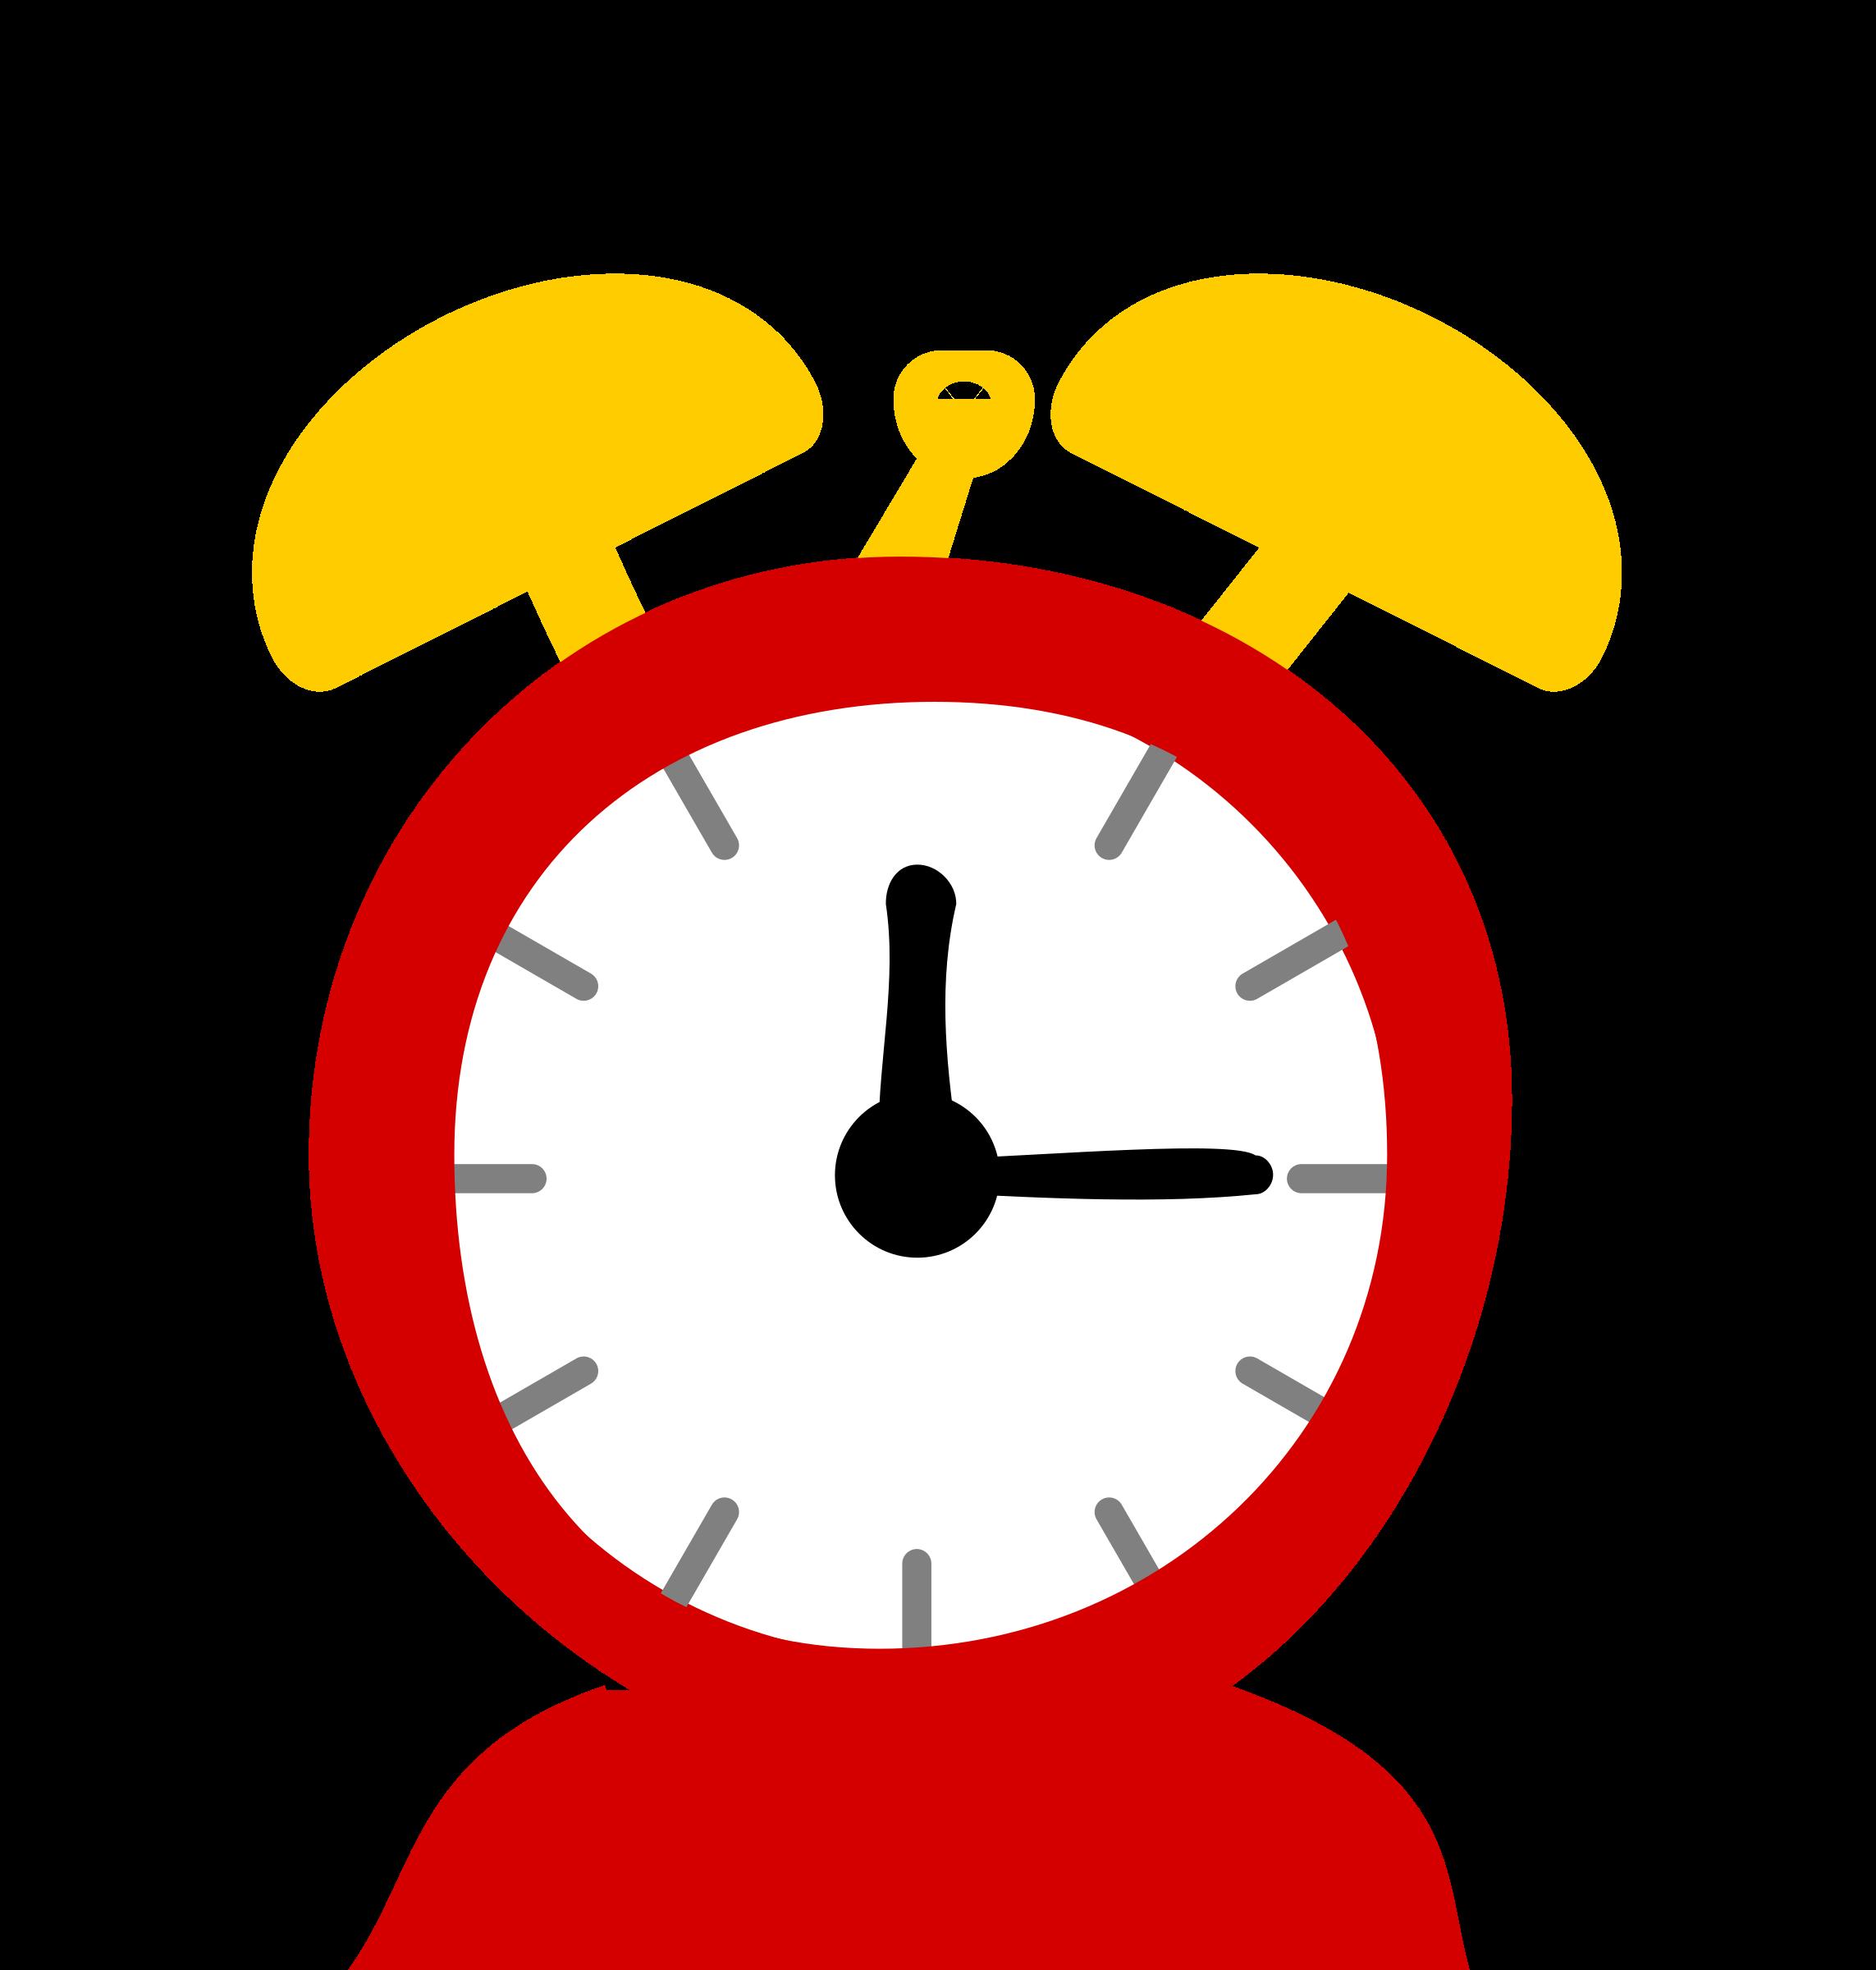 clipart alarm clock clipart panda free clipart images rh clipartpanda com clipart alarm clock ringing clip art alarm clock free